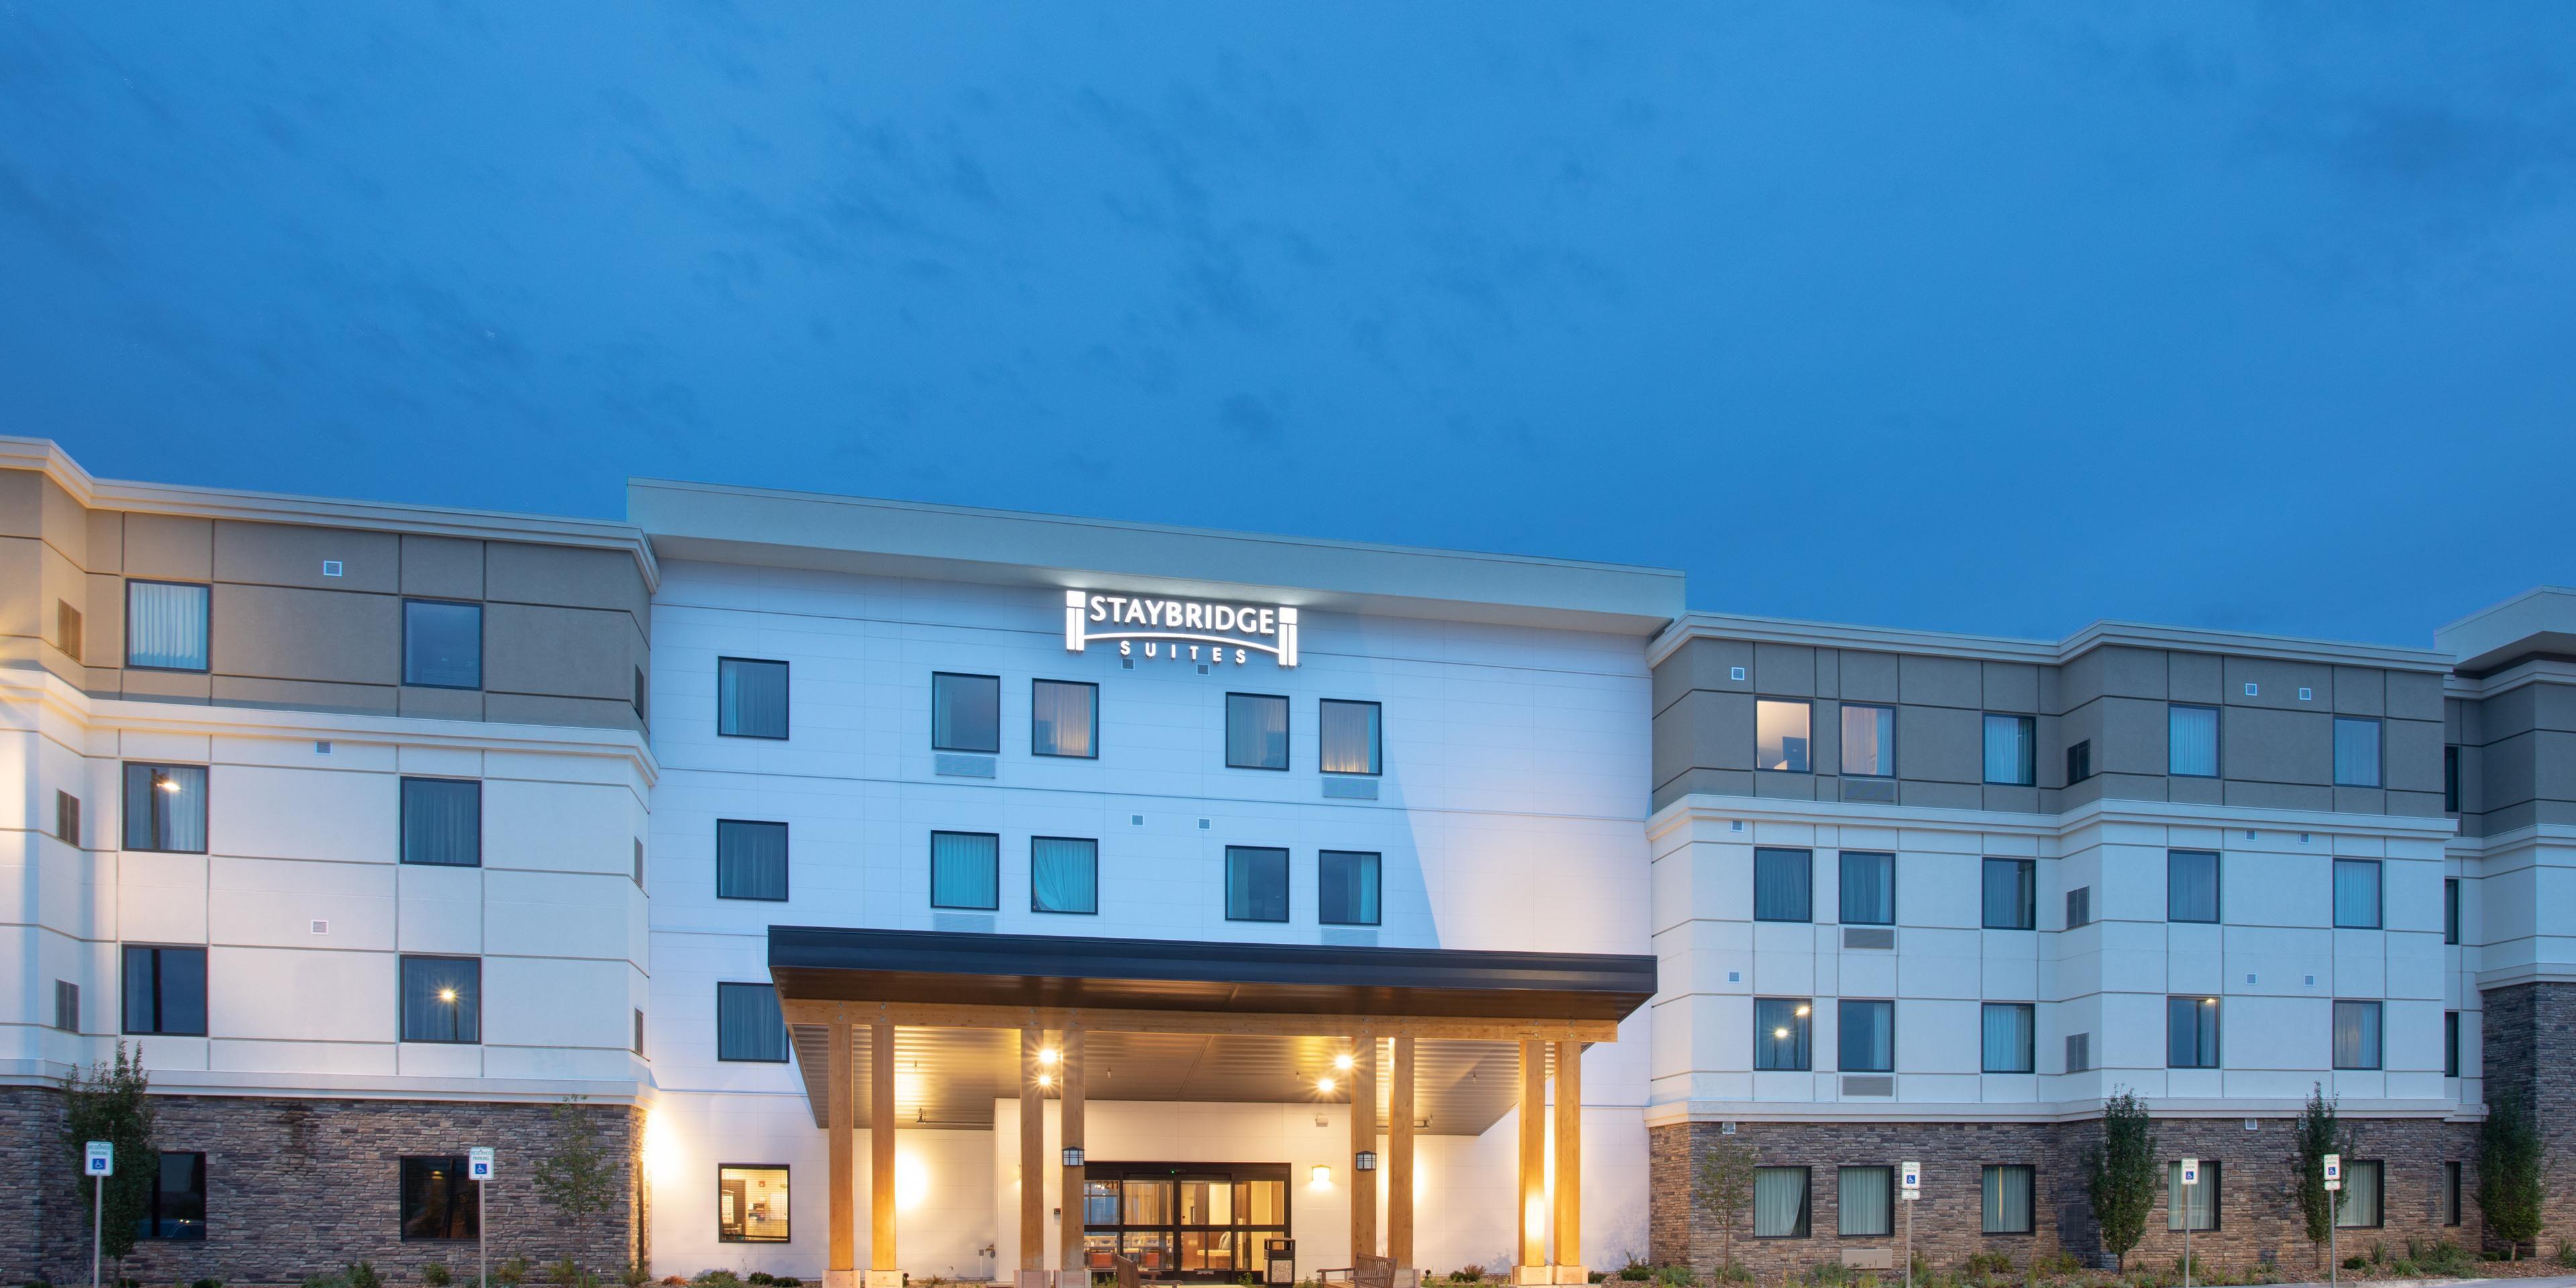 staybridge suites denver south highlands ranch extended stay rh ihg com hotels in littleton co on s. santa fe drive hotels in littleton colorado 80127